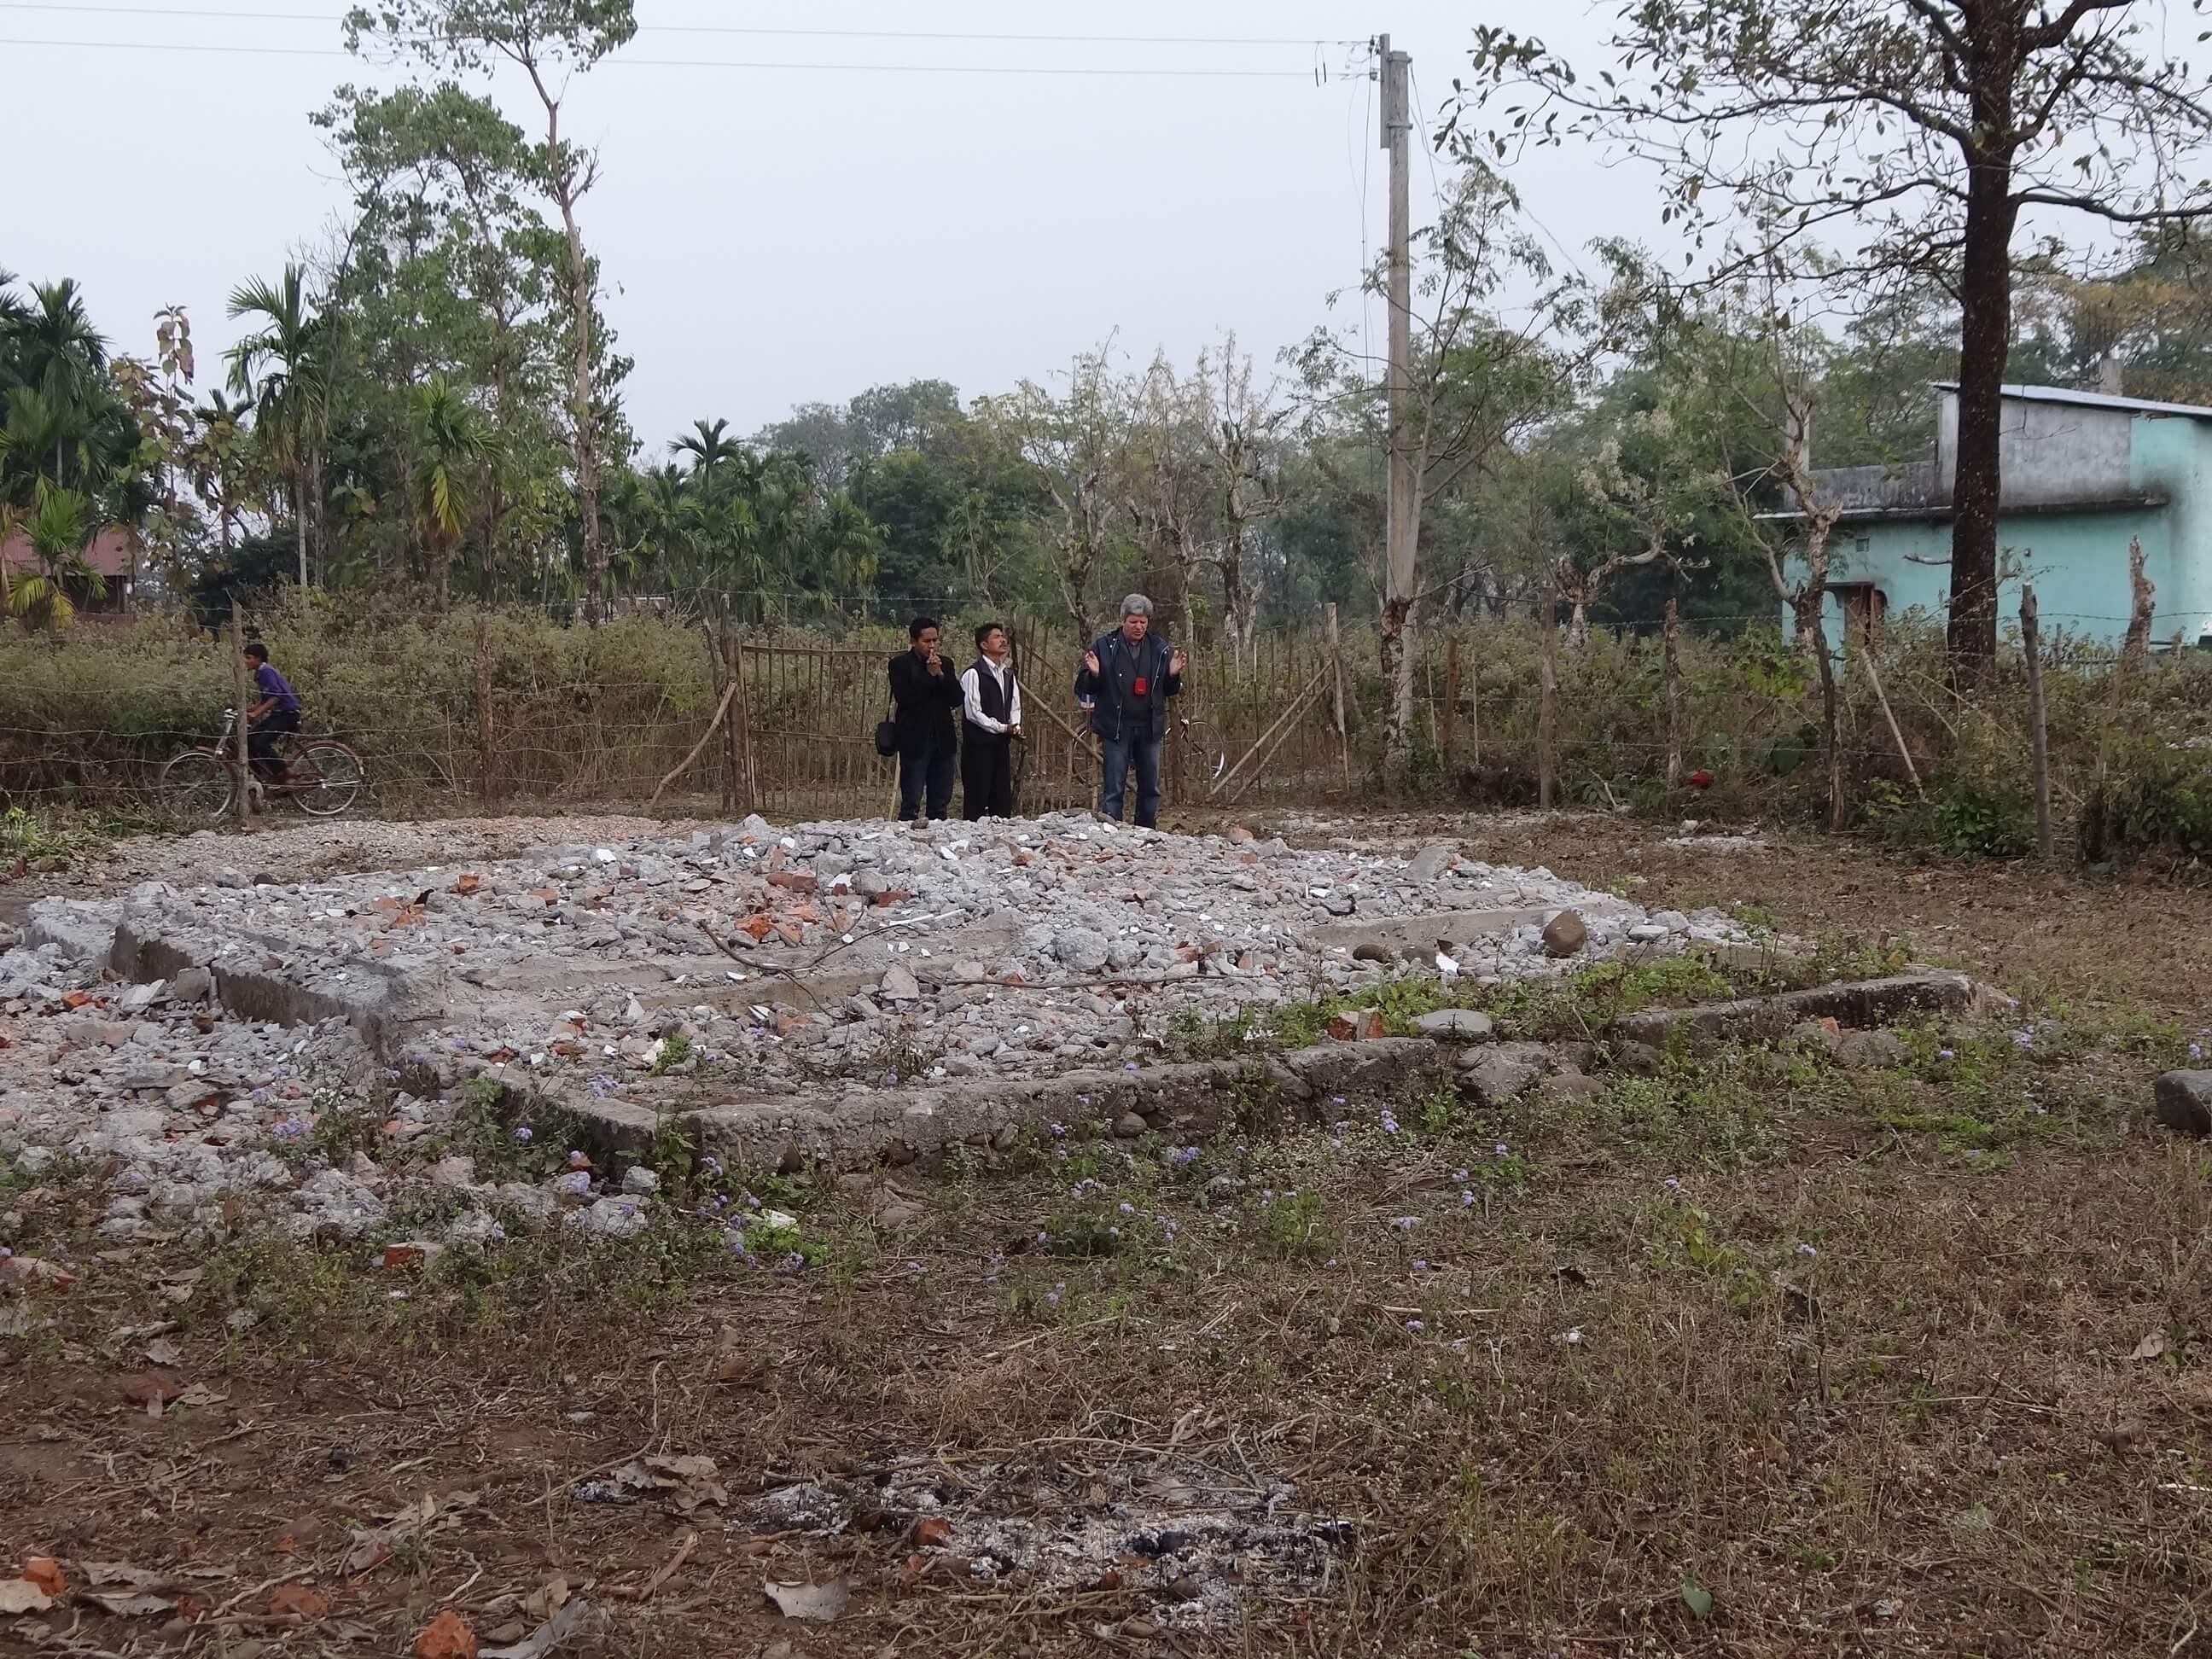 Prière sur un terrain acheté dans un village d'ouvriers dans les plantations de thé pour y construir